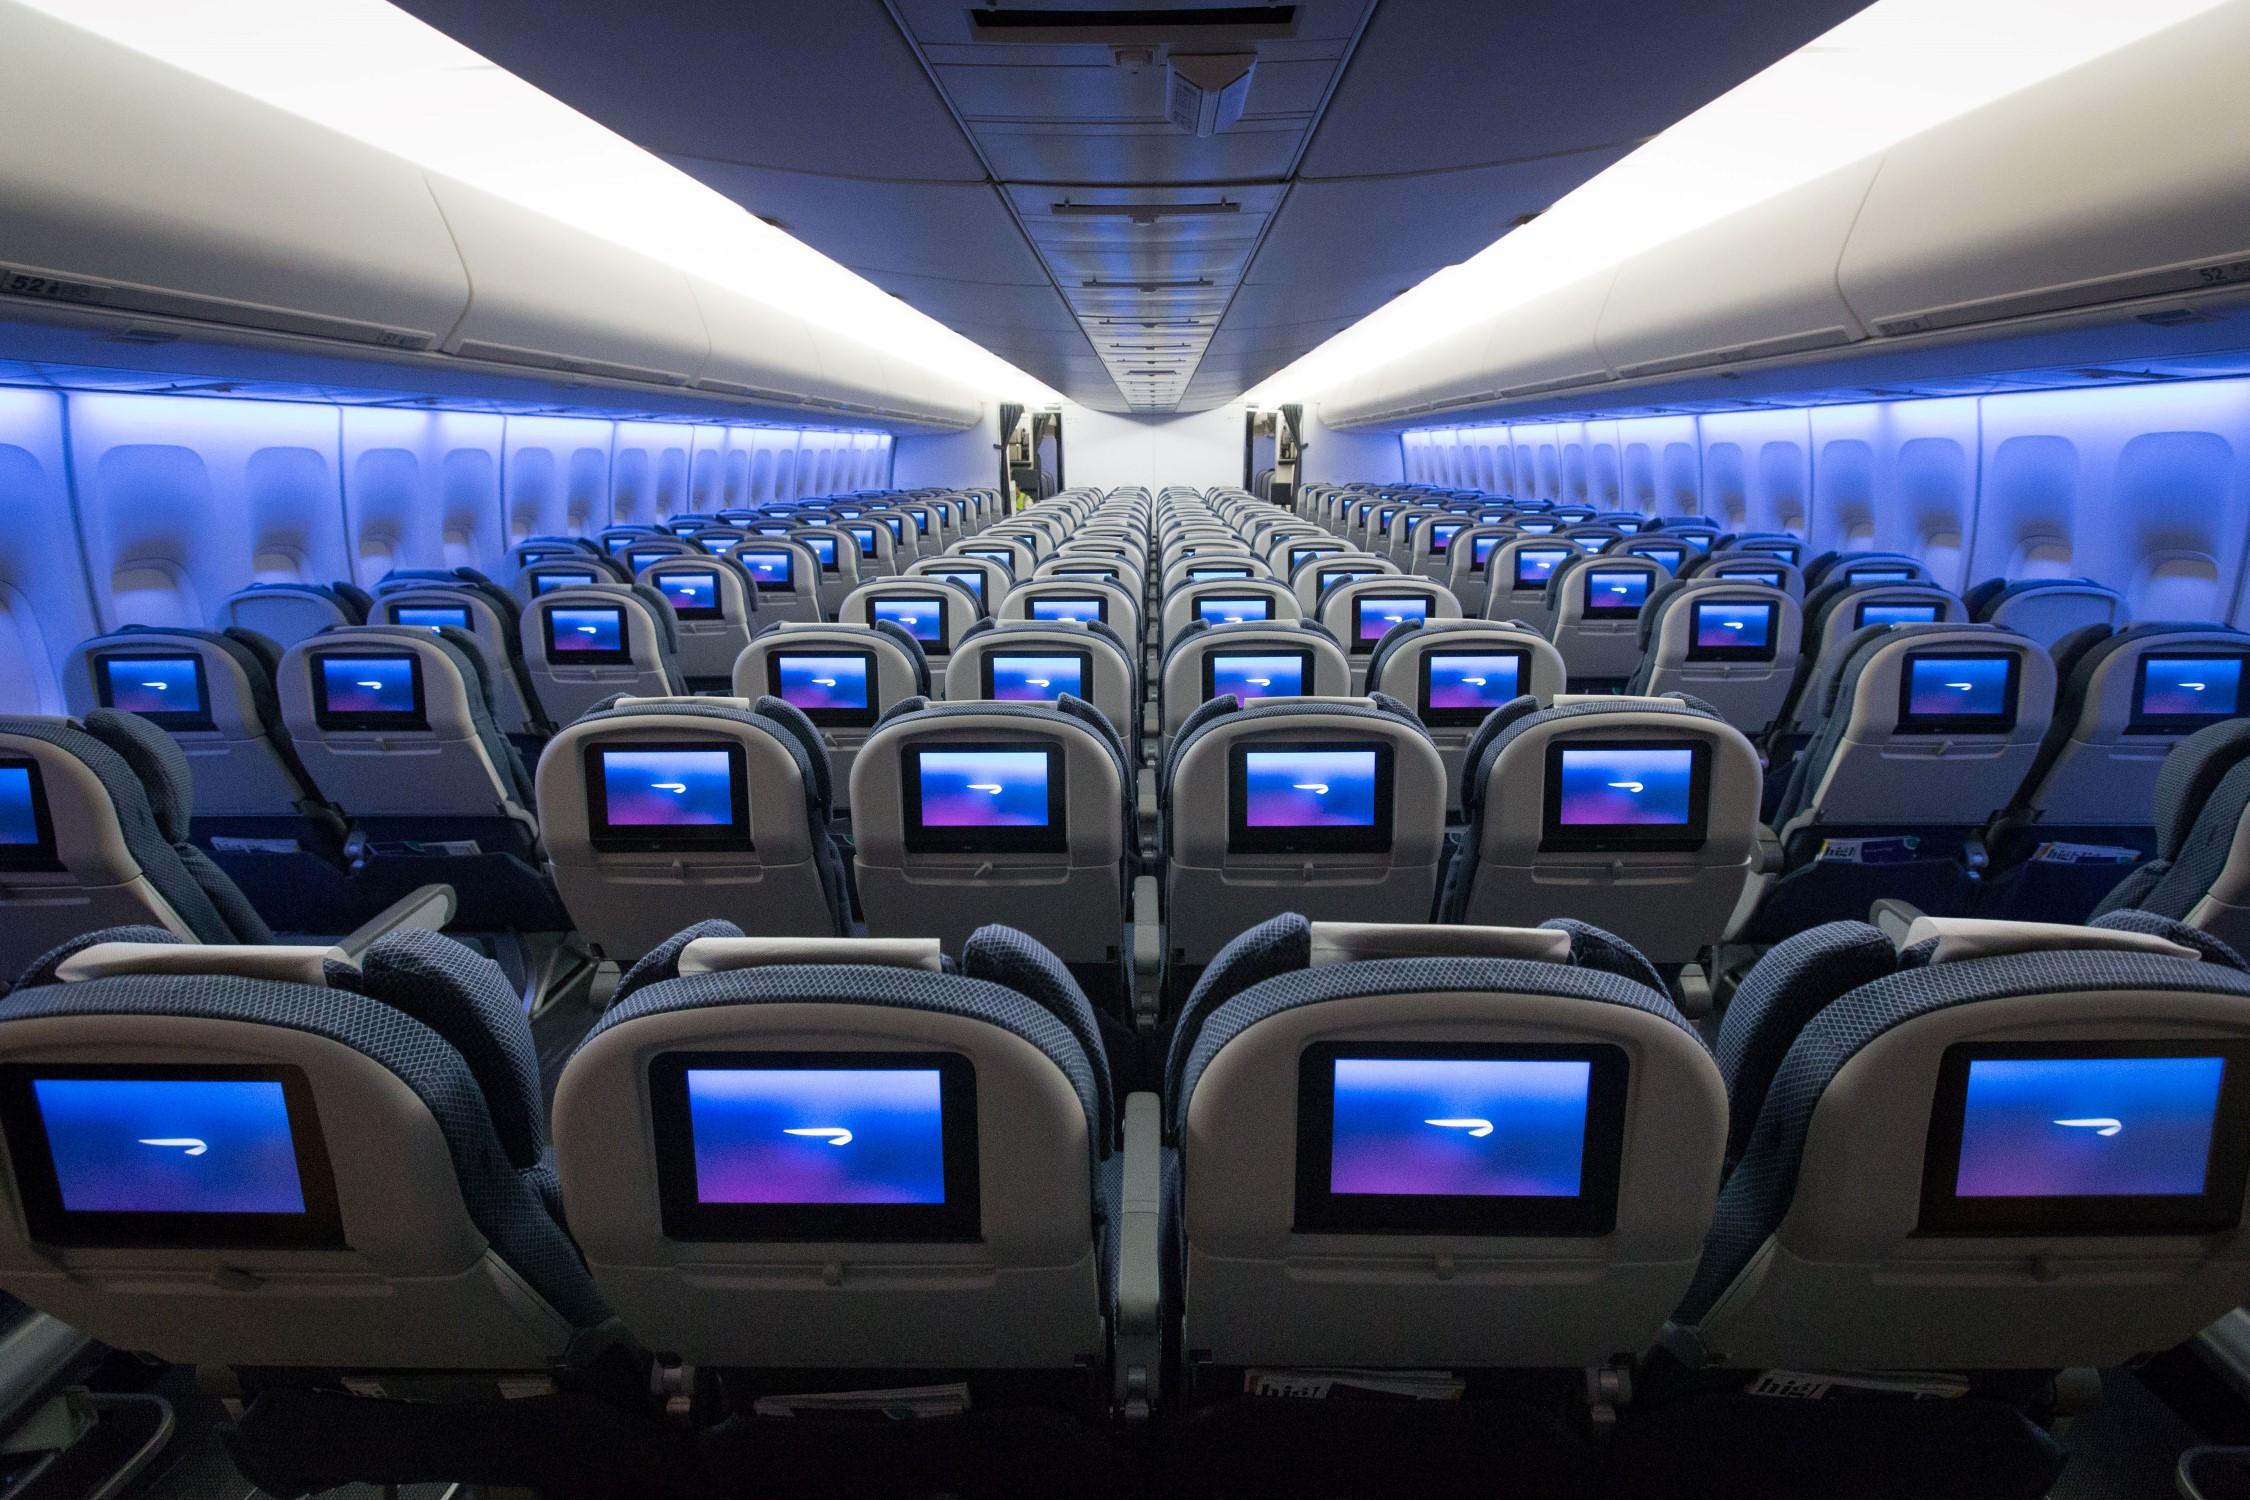 Aer Lingus In Flight Movies August